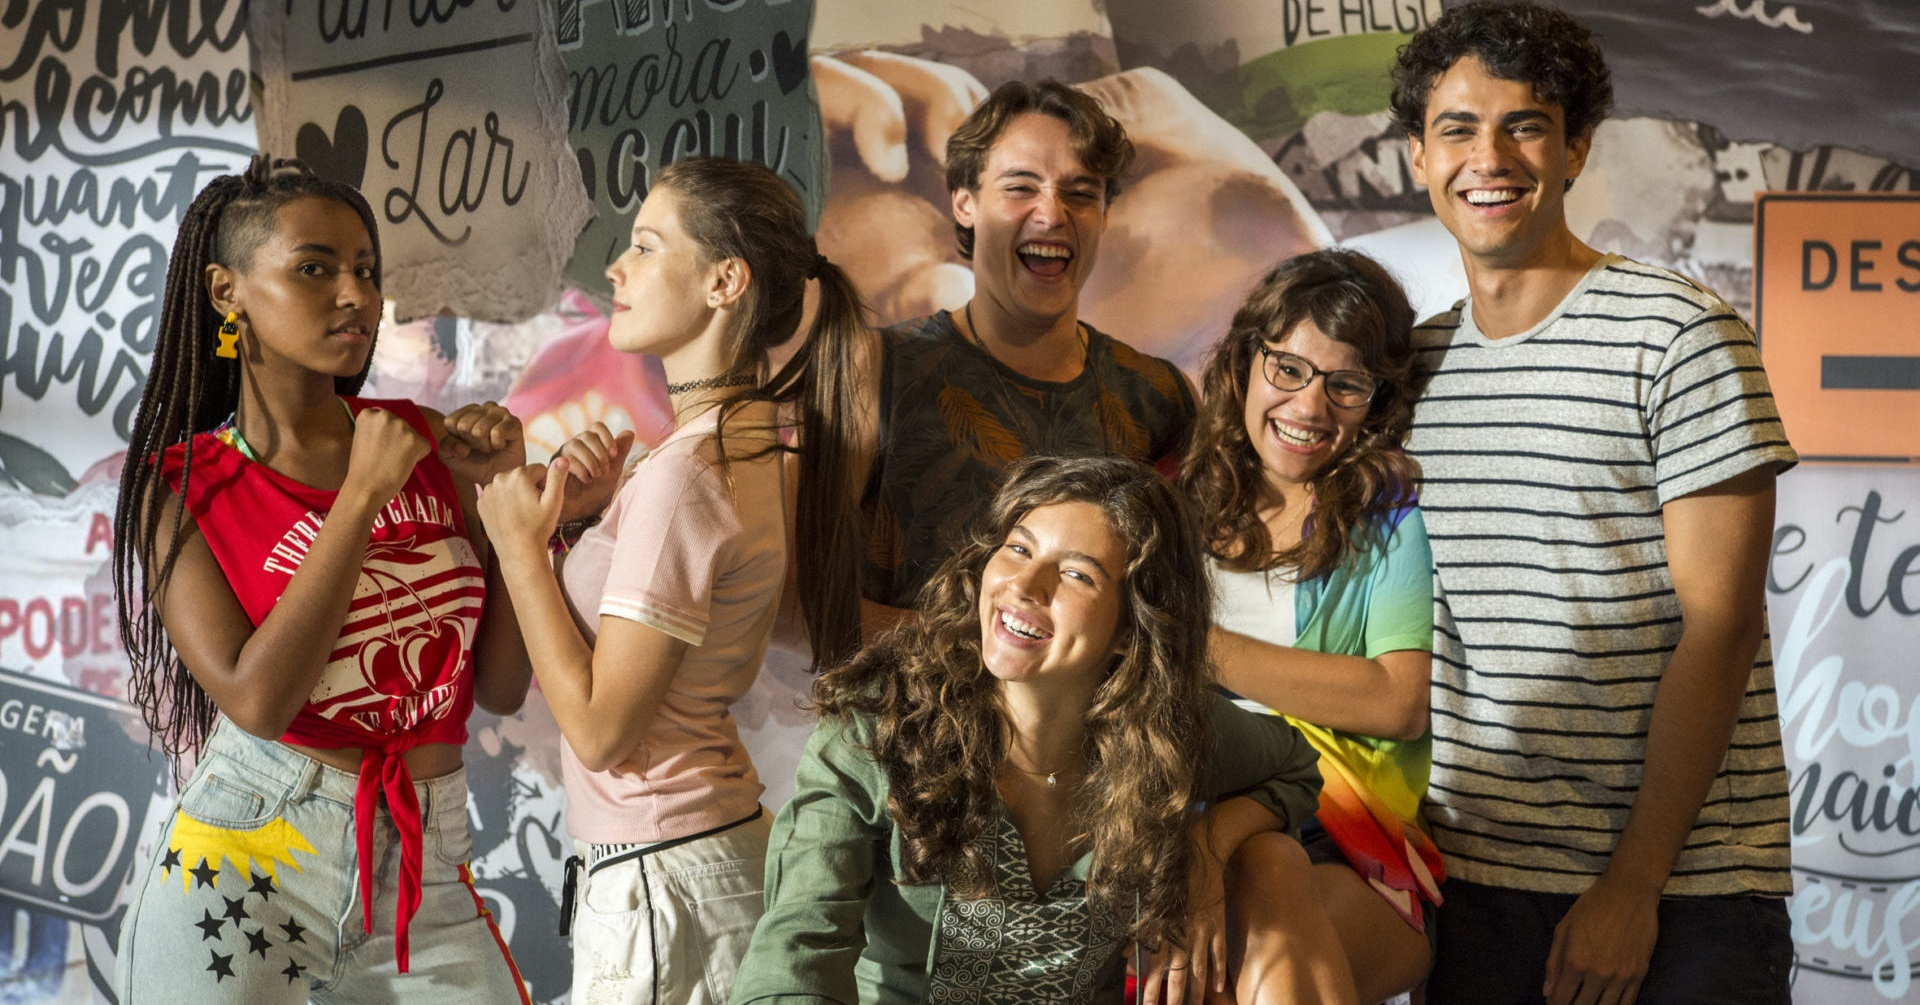 'Vital': Emicida tem música inédita na trilha da nova 'Malhação', que estreou ontem